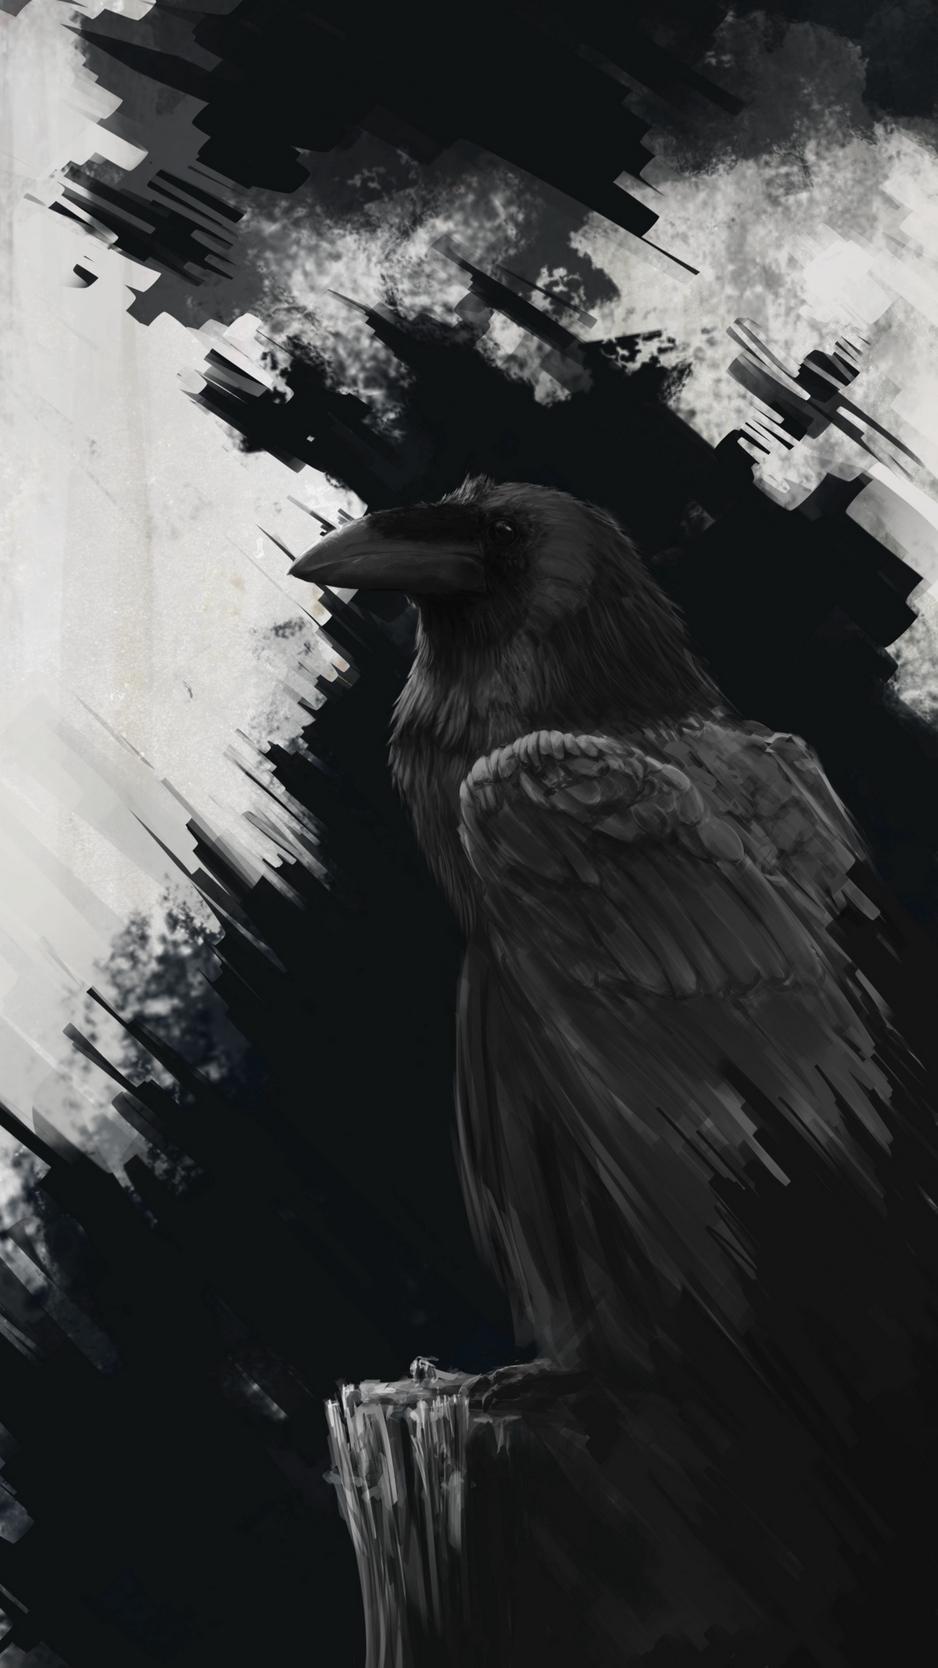 Dark Raven Wallpaper Iphone